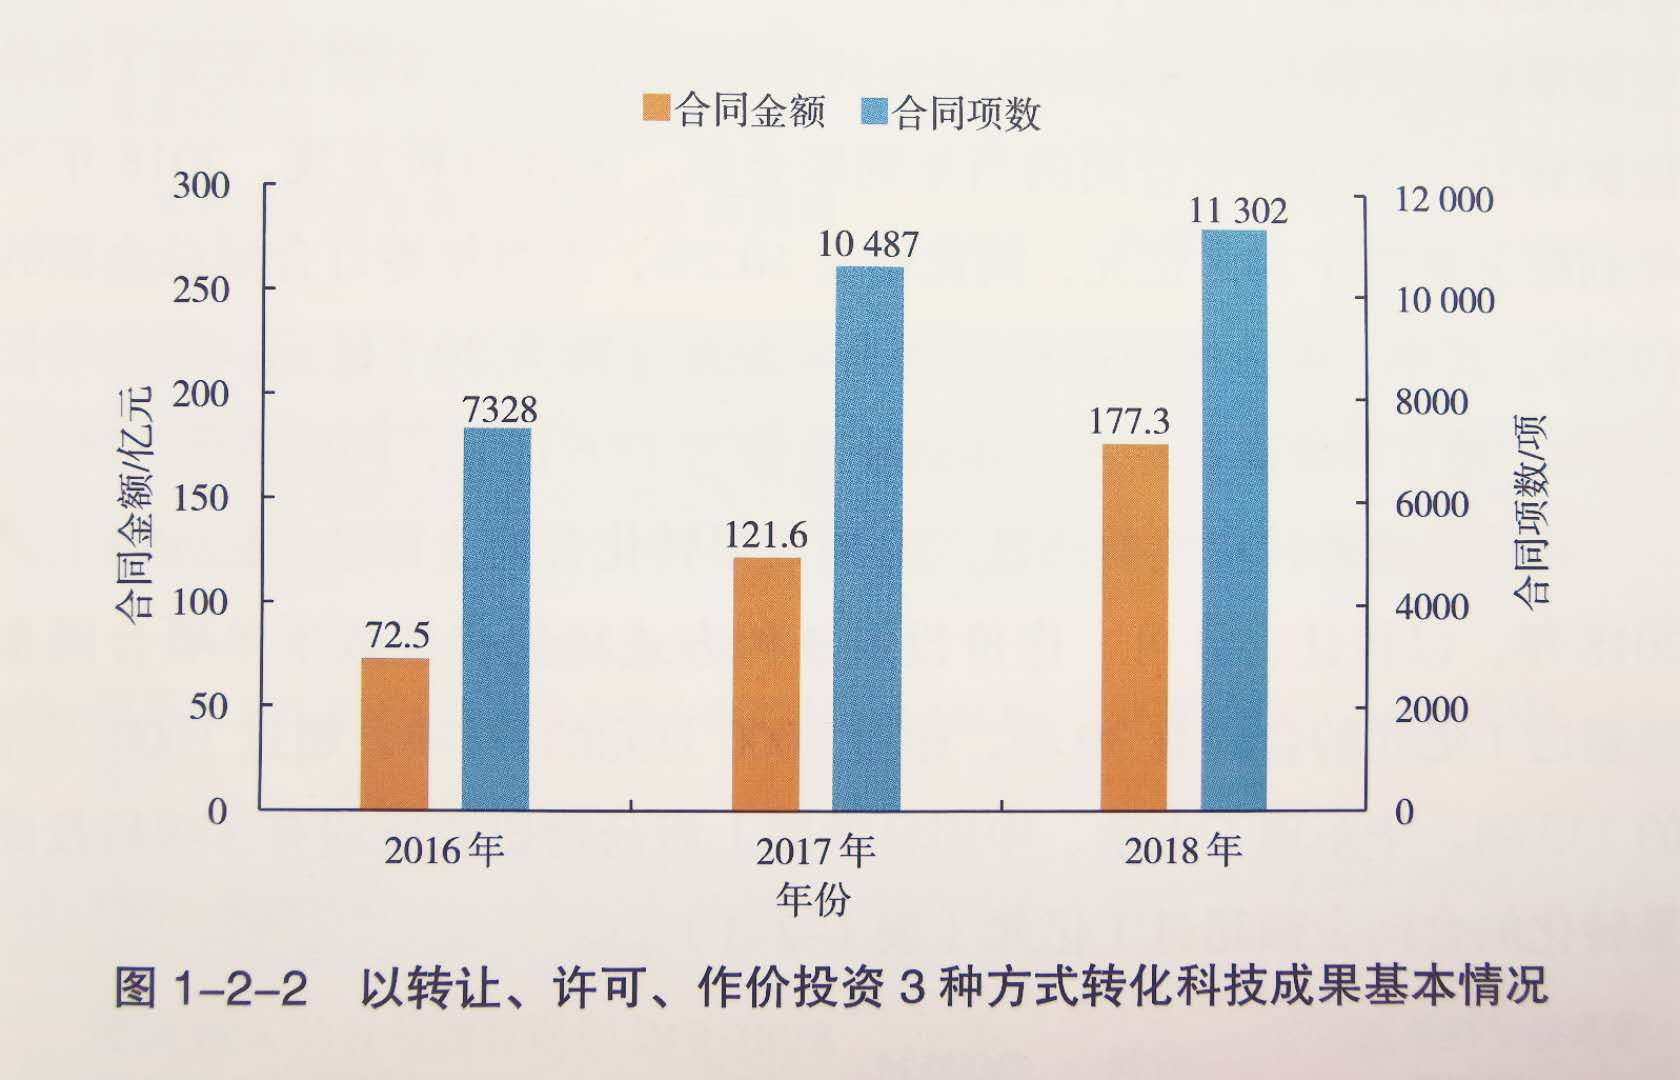 杏悦娱乐,报告发布杏悦娱乐科技成果越来越值钱图片